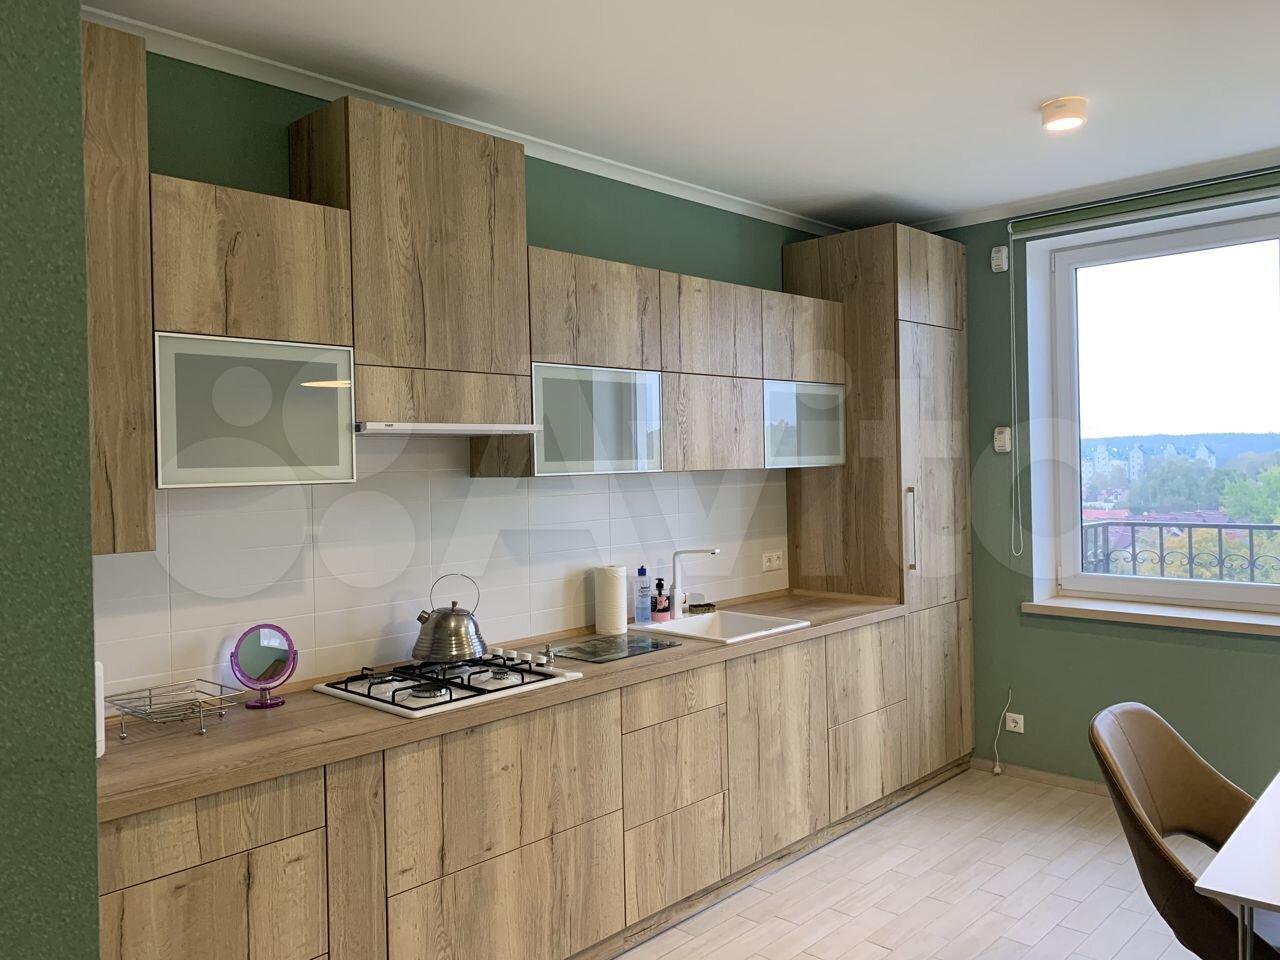 1-к квартира, 39 м², 8/8 эт.  89114708301 купить 3